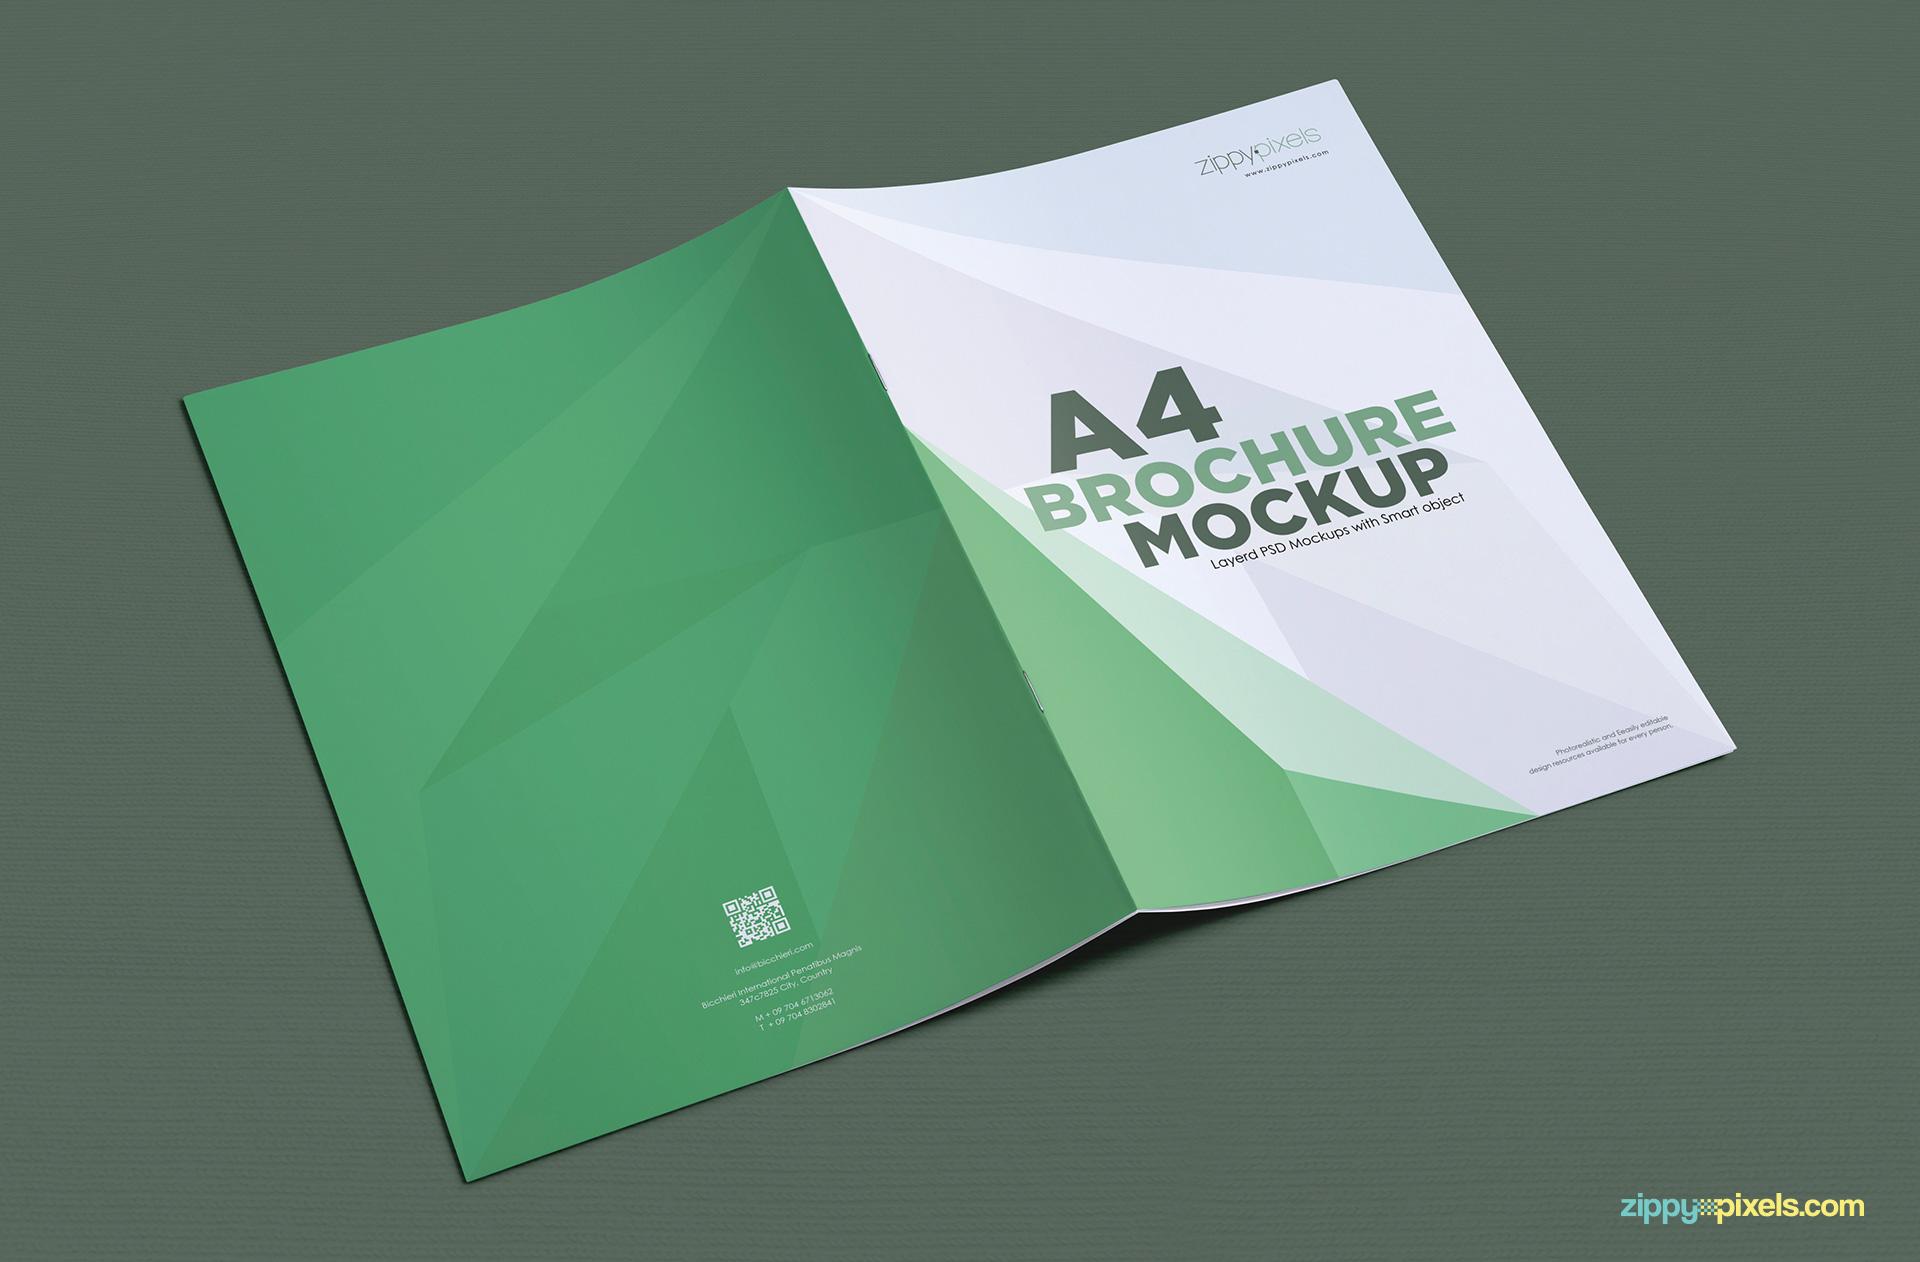 6000+ vectors, stock photos & psd files. A4 Brochure Mockup Free Psd Download Zippypixels